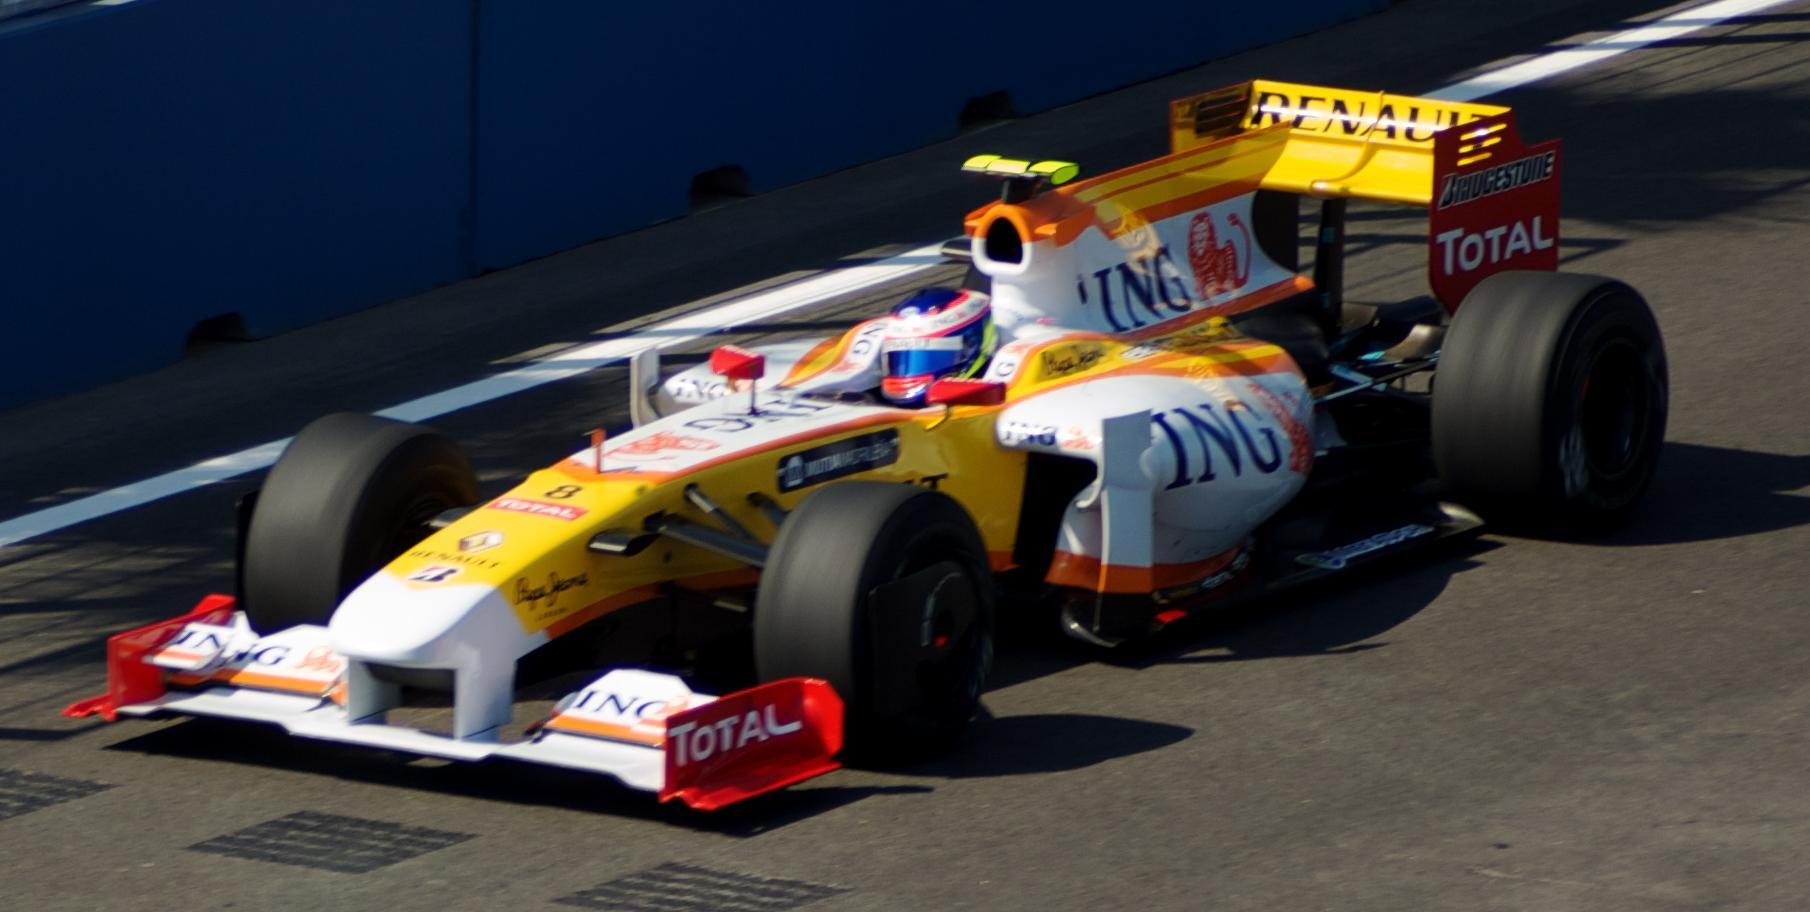 Halverwege 2009 wordt Piquet Jr. vervangen door een piepjonge Romain Grosjean.